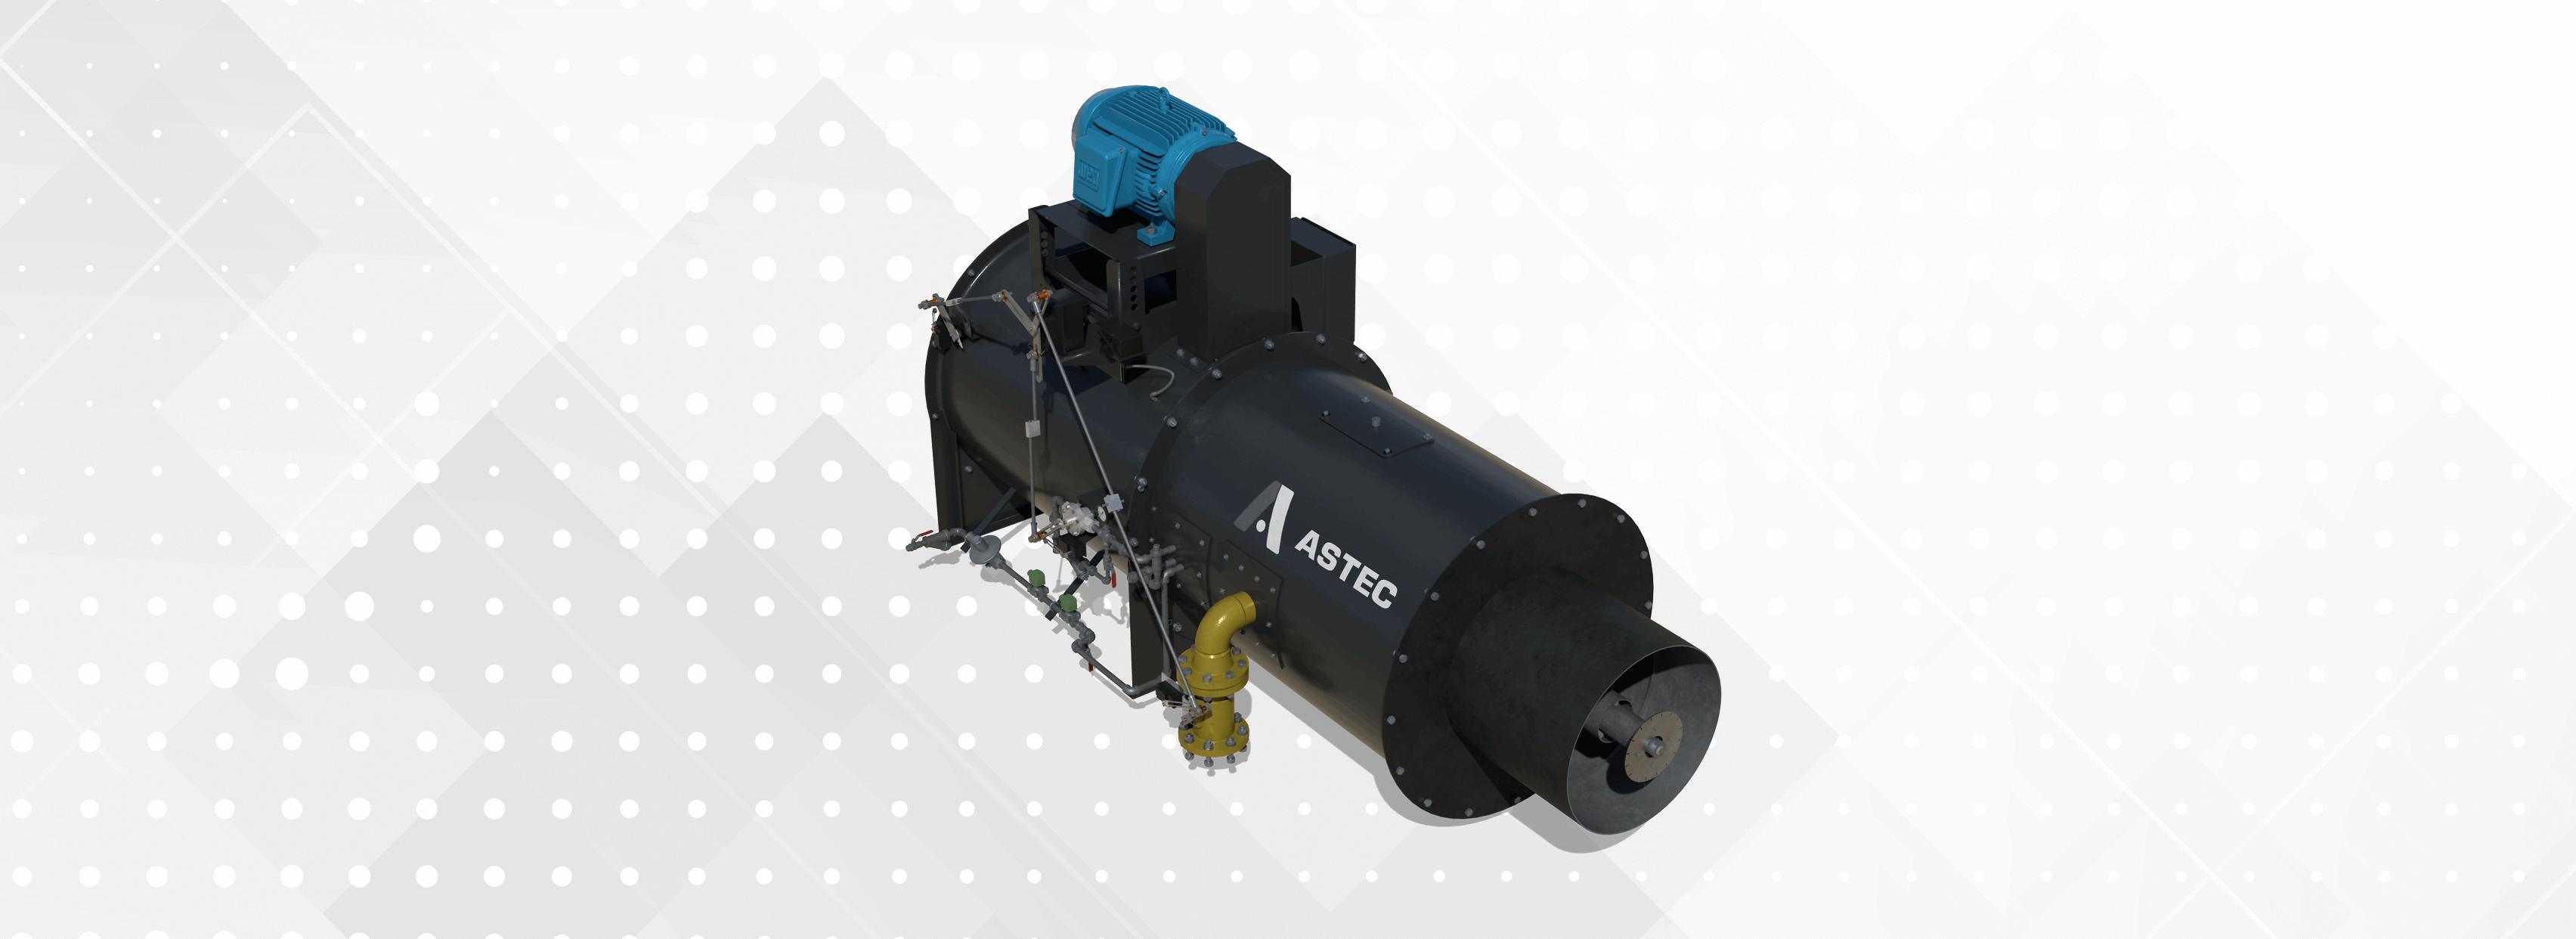 Astec Versa Jet Asphalt Plant Burner for Aggregate Drying